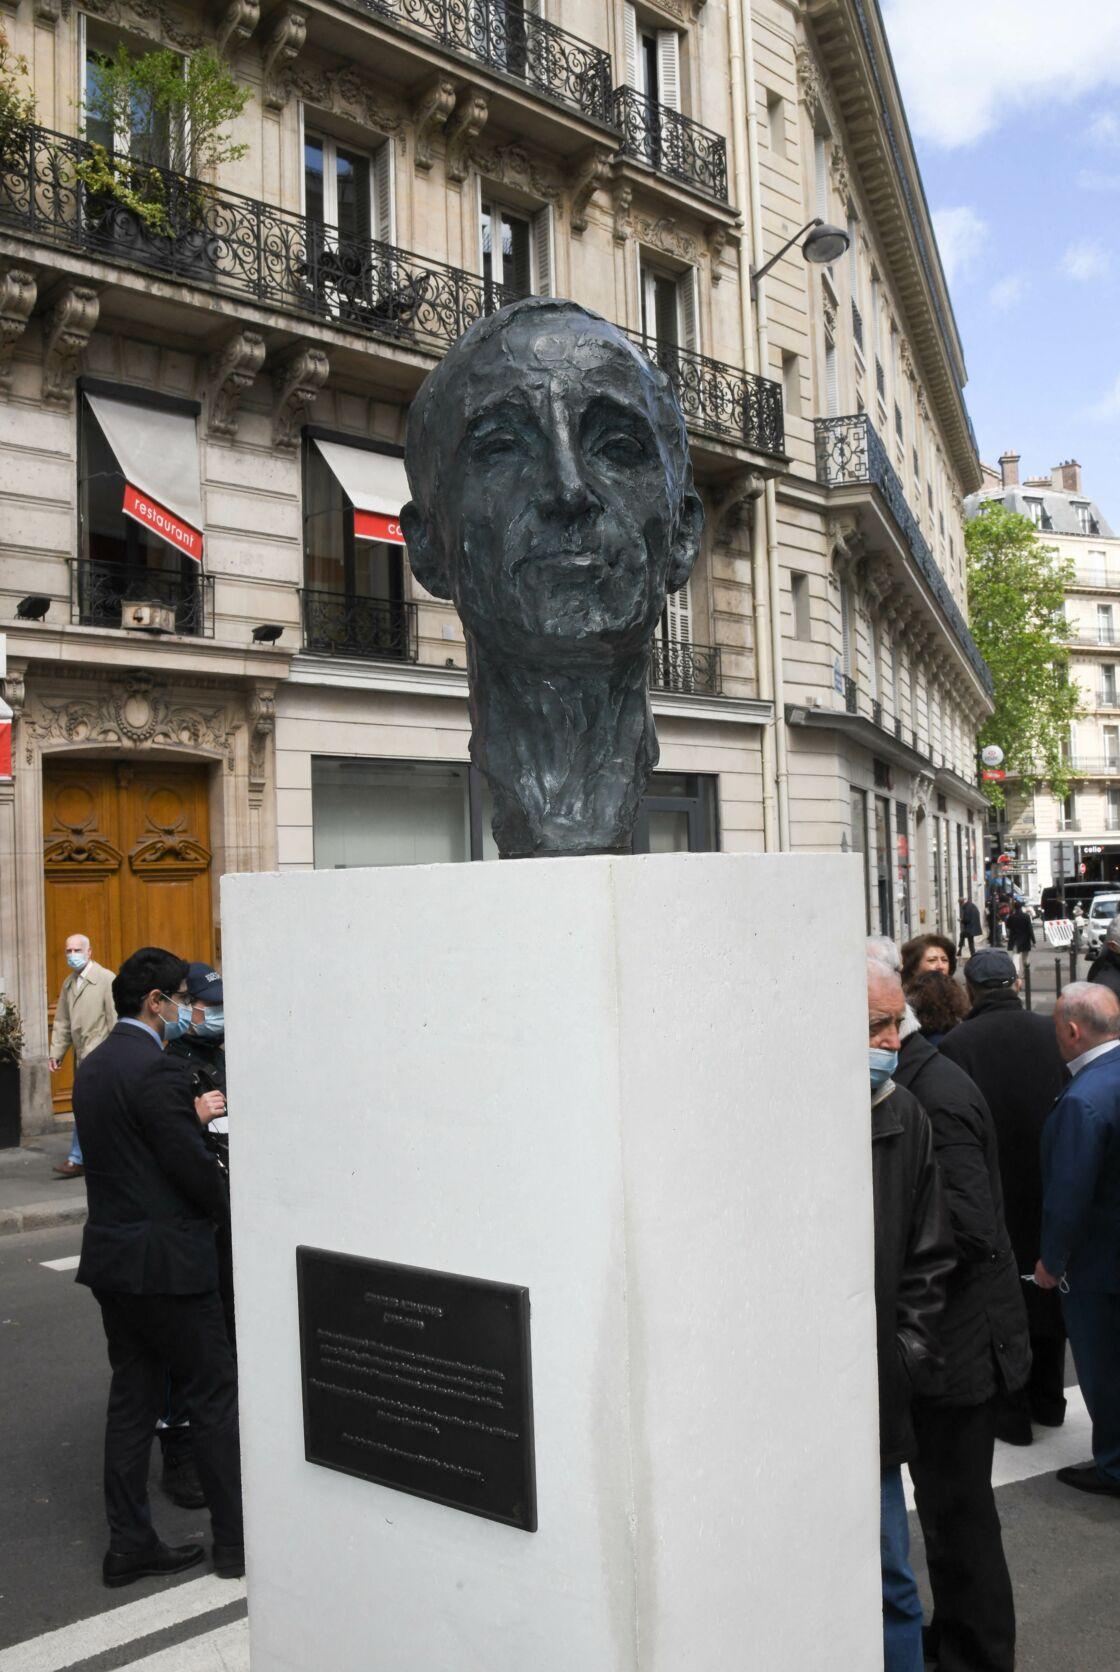 Le buste de Charles Aznavour a été inauguré au carrefour de l'Odéon dans le 6e arrondissement de Paris